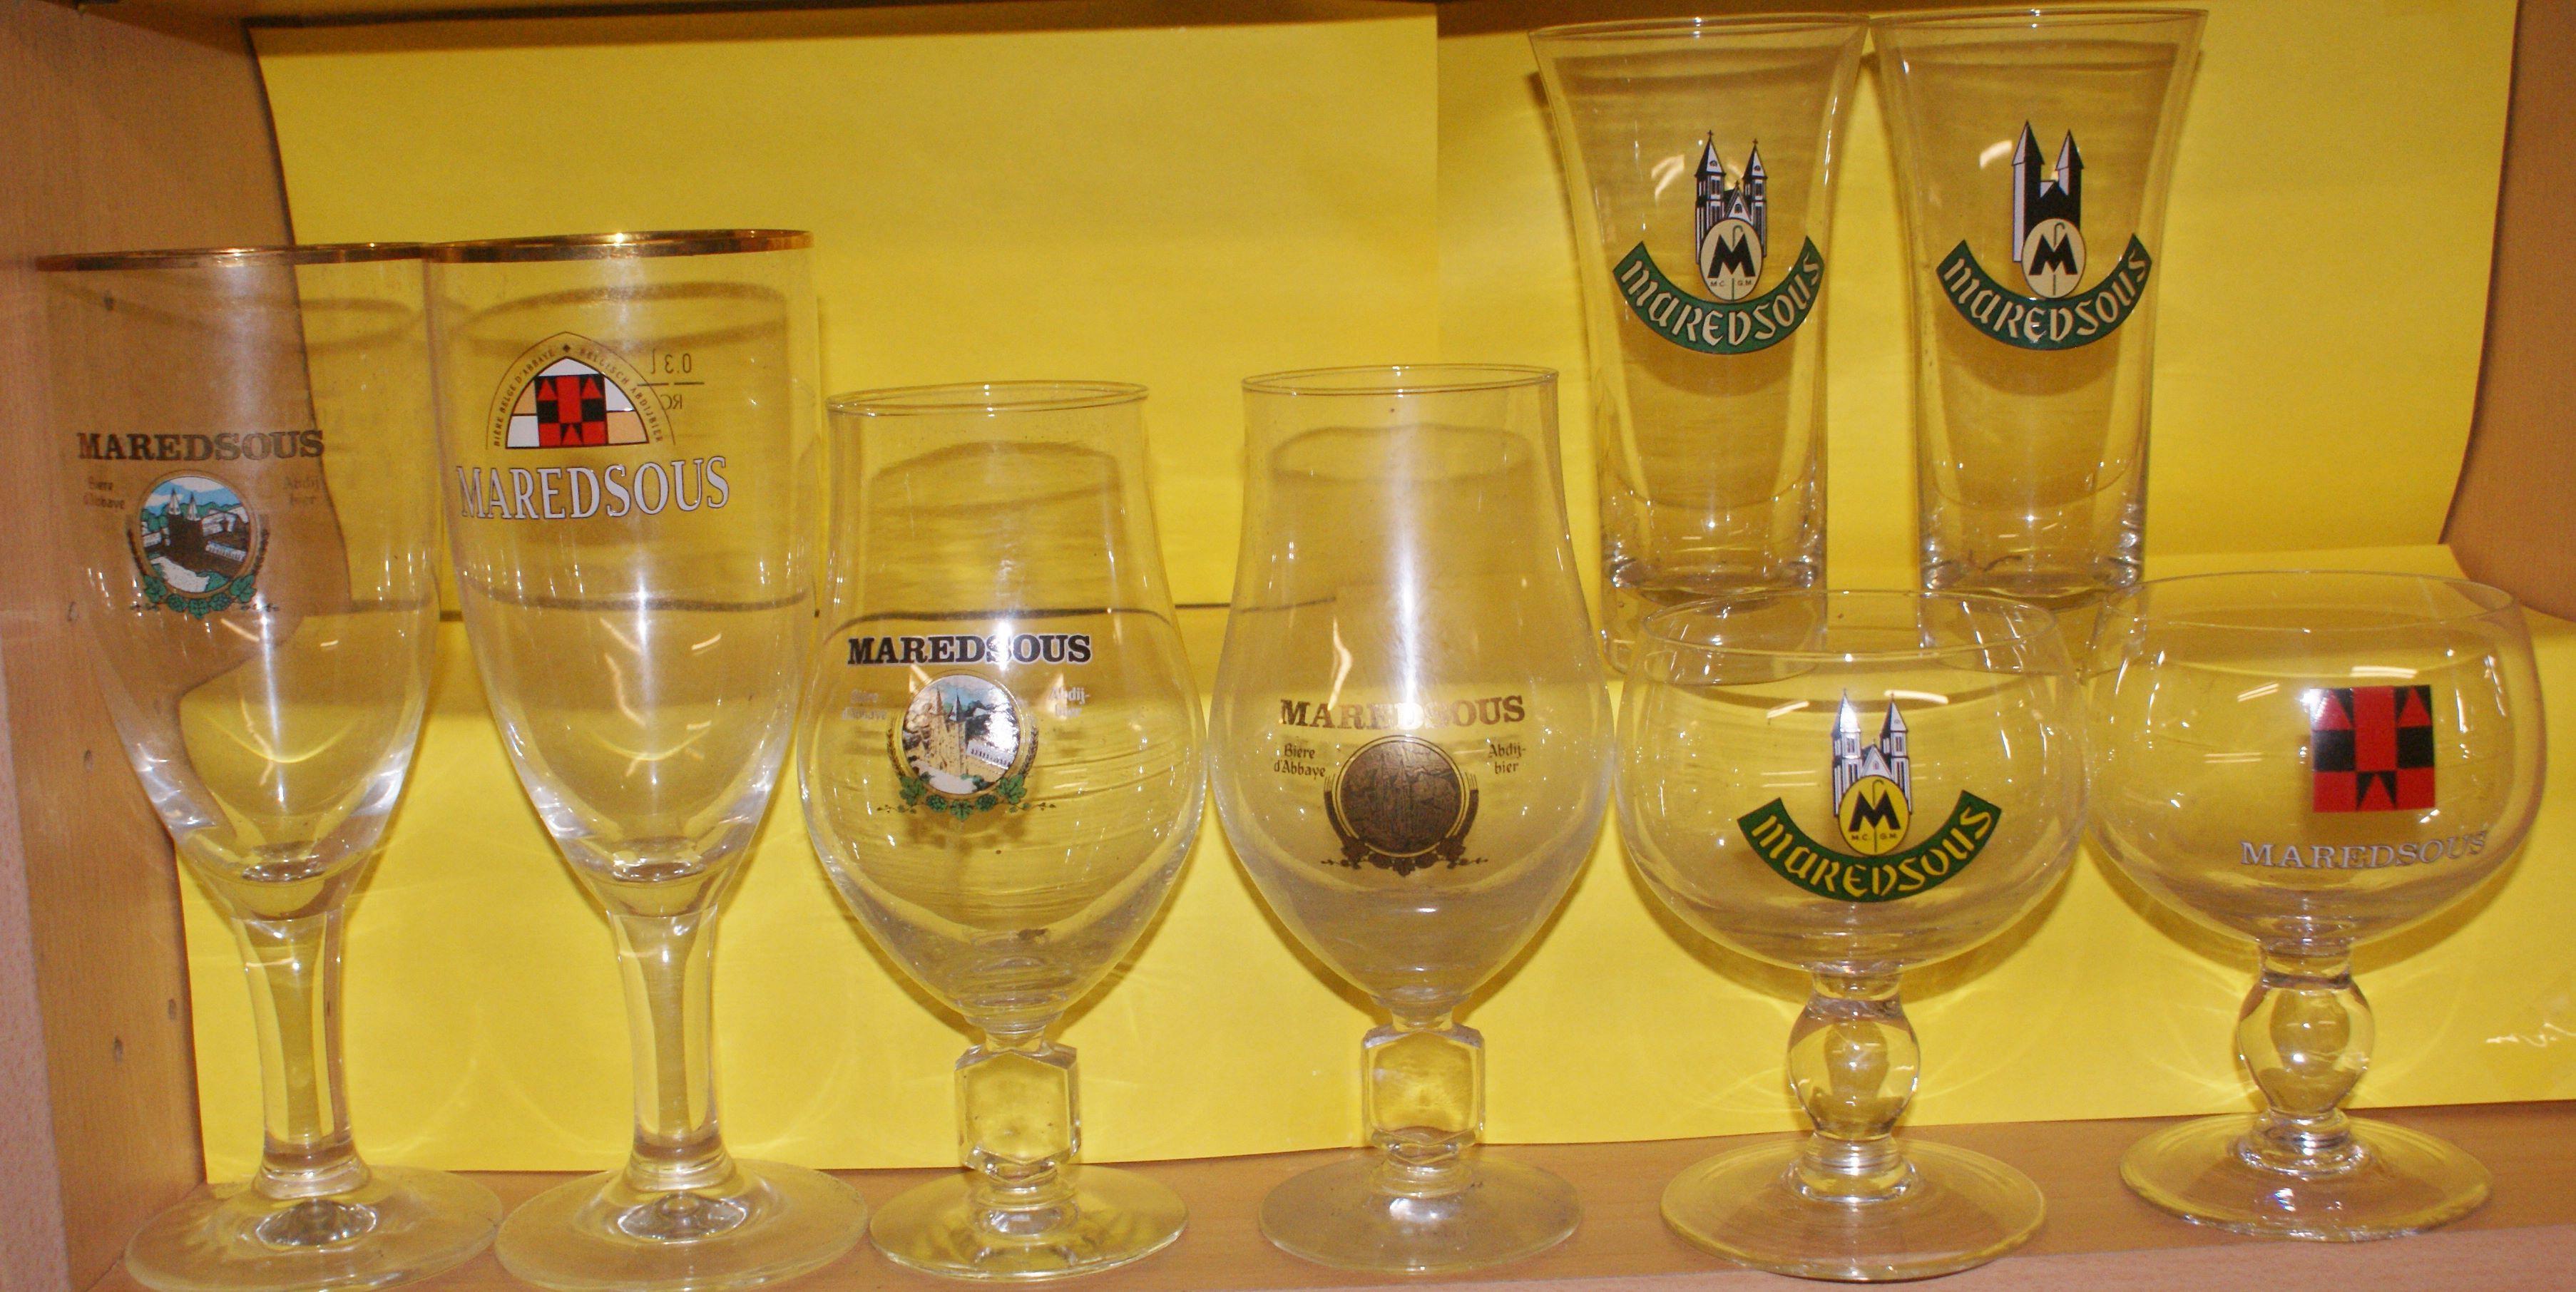 MAREDSOUS verres bière collector 4 Montcy-Notre-Dame (08)